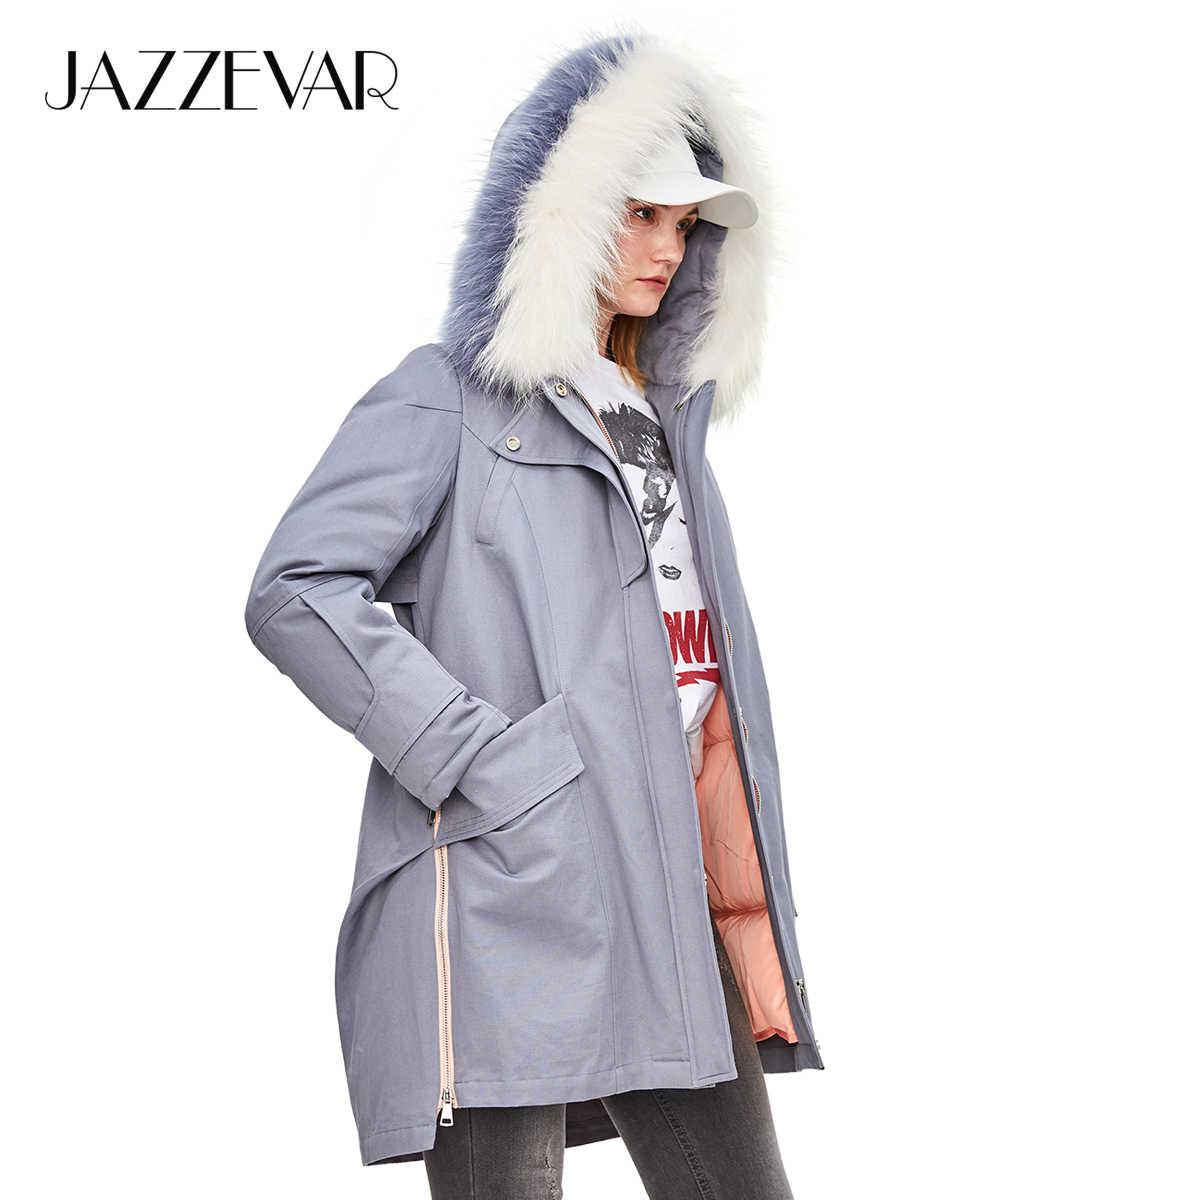 JAZZEVAR 2019 Inverno Novo Safari Estilo Ocasional das Mulheres Para Baixo Guaxinim Casaco Gola de Pele Zipper Casaco Com Capuz Parka Qualidade Superior z18004